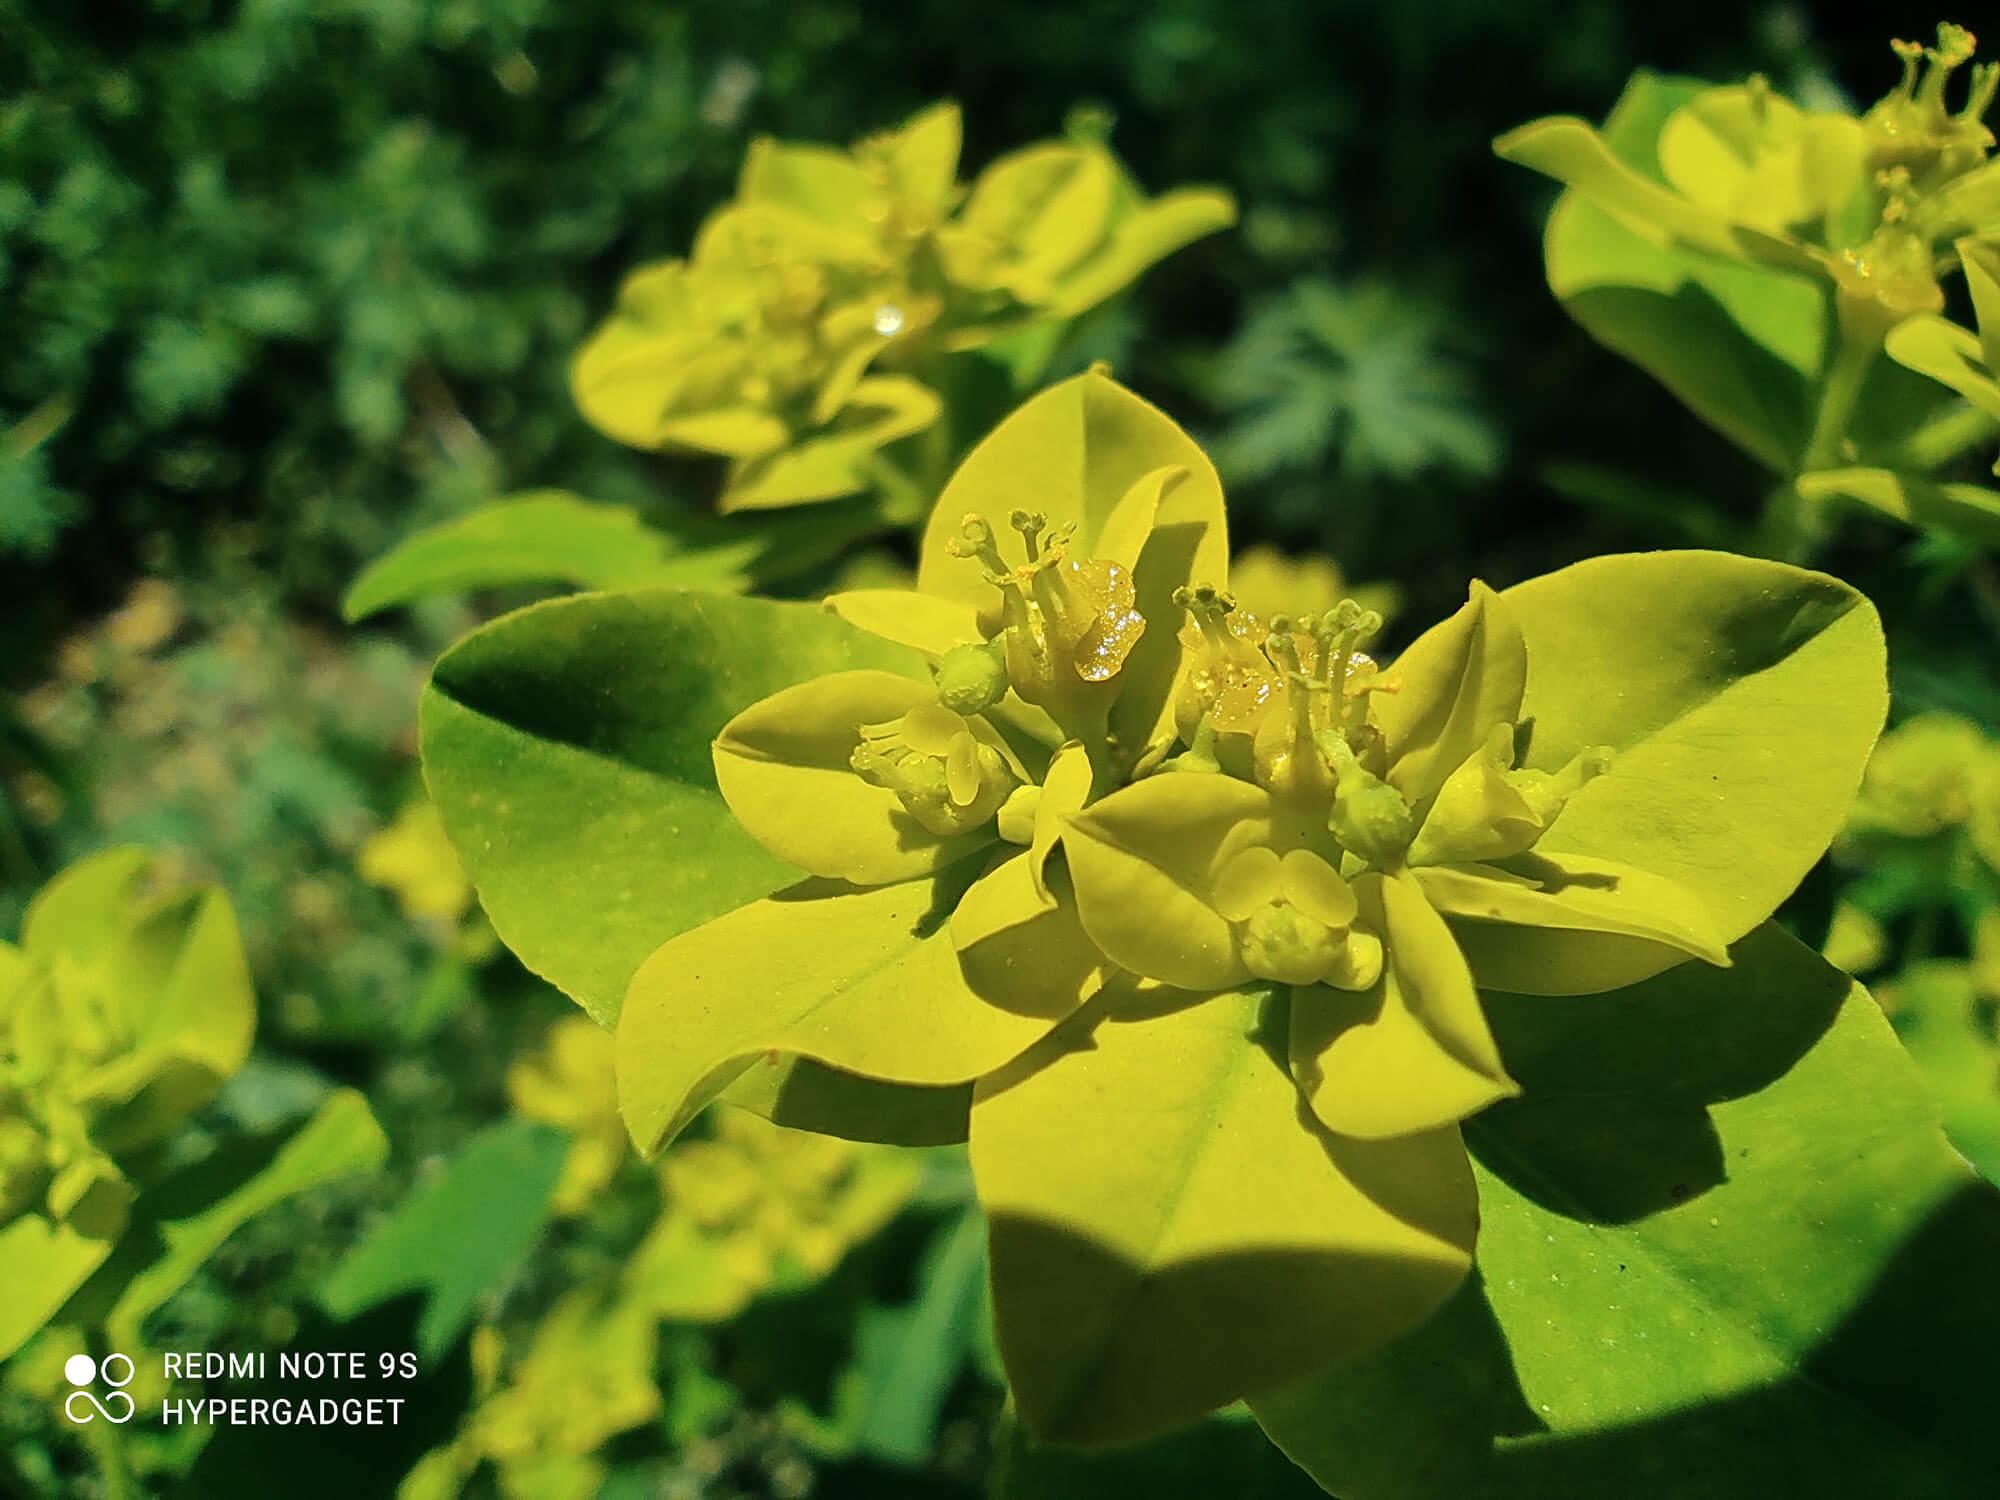 Redmi Note 9Sで撮影した黄色い花